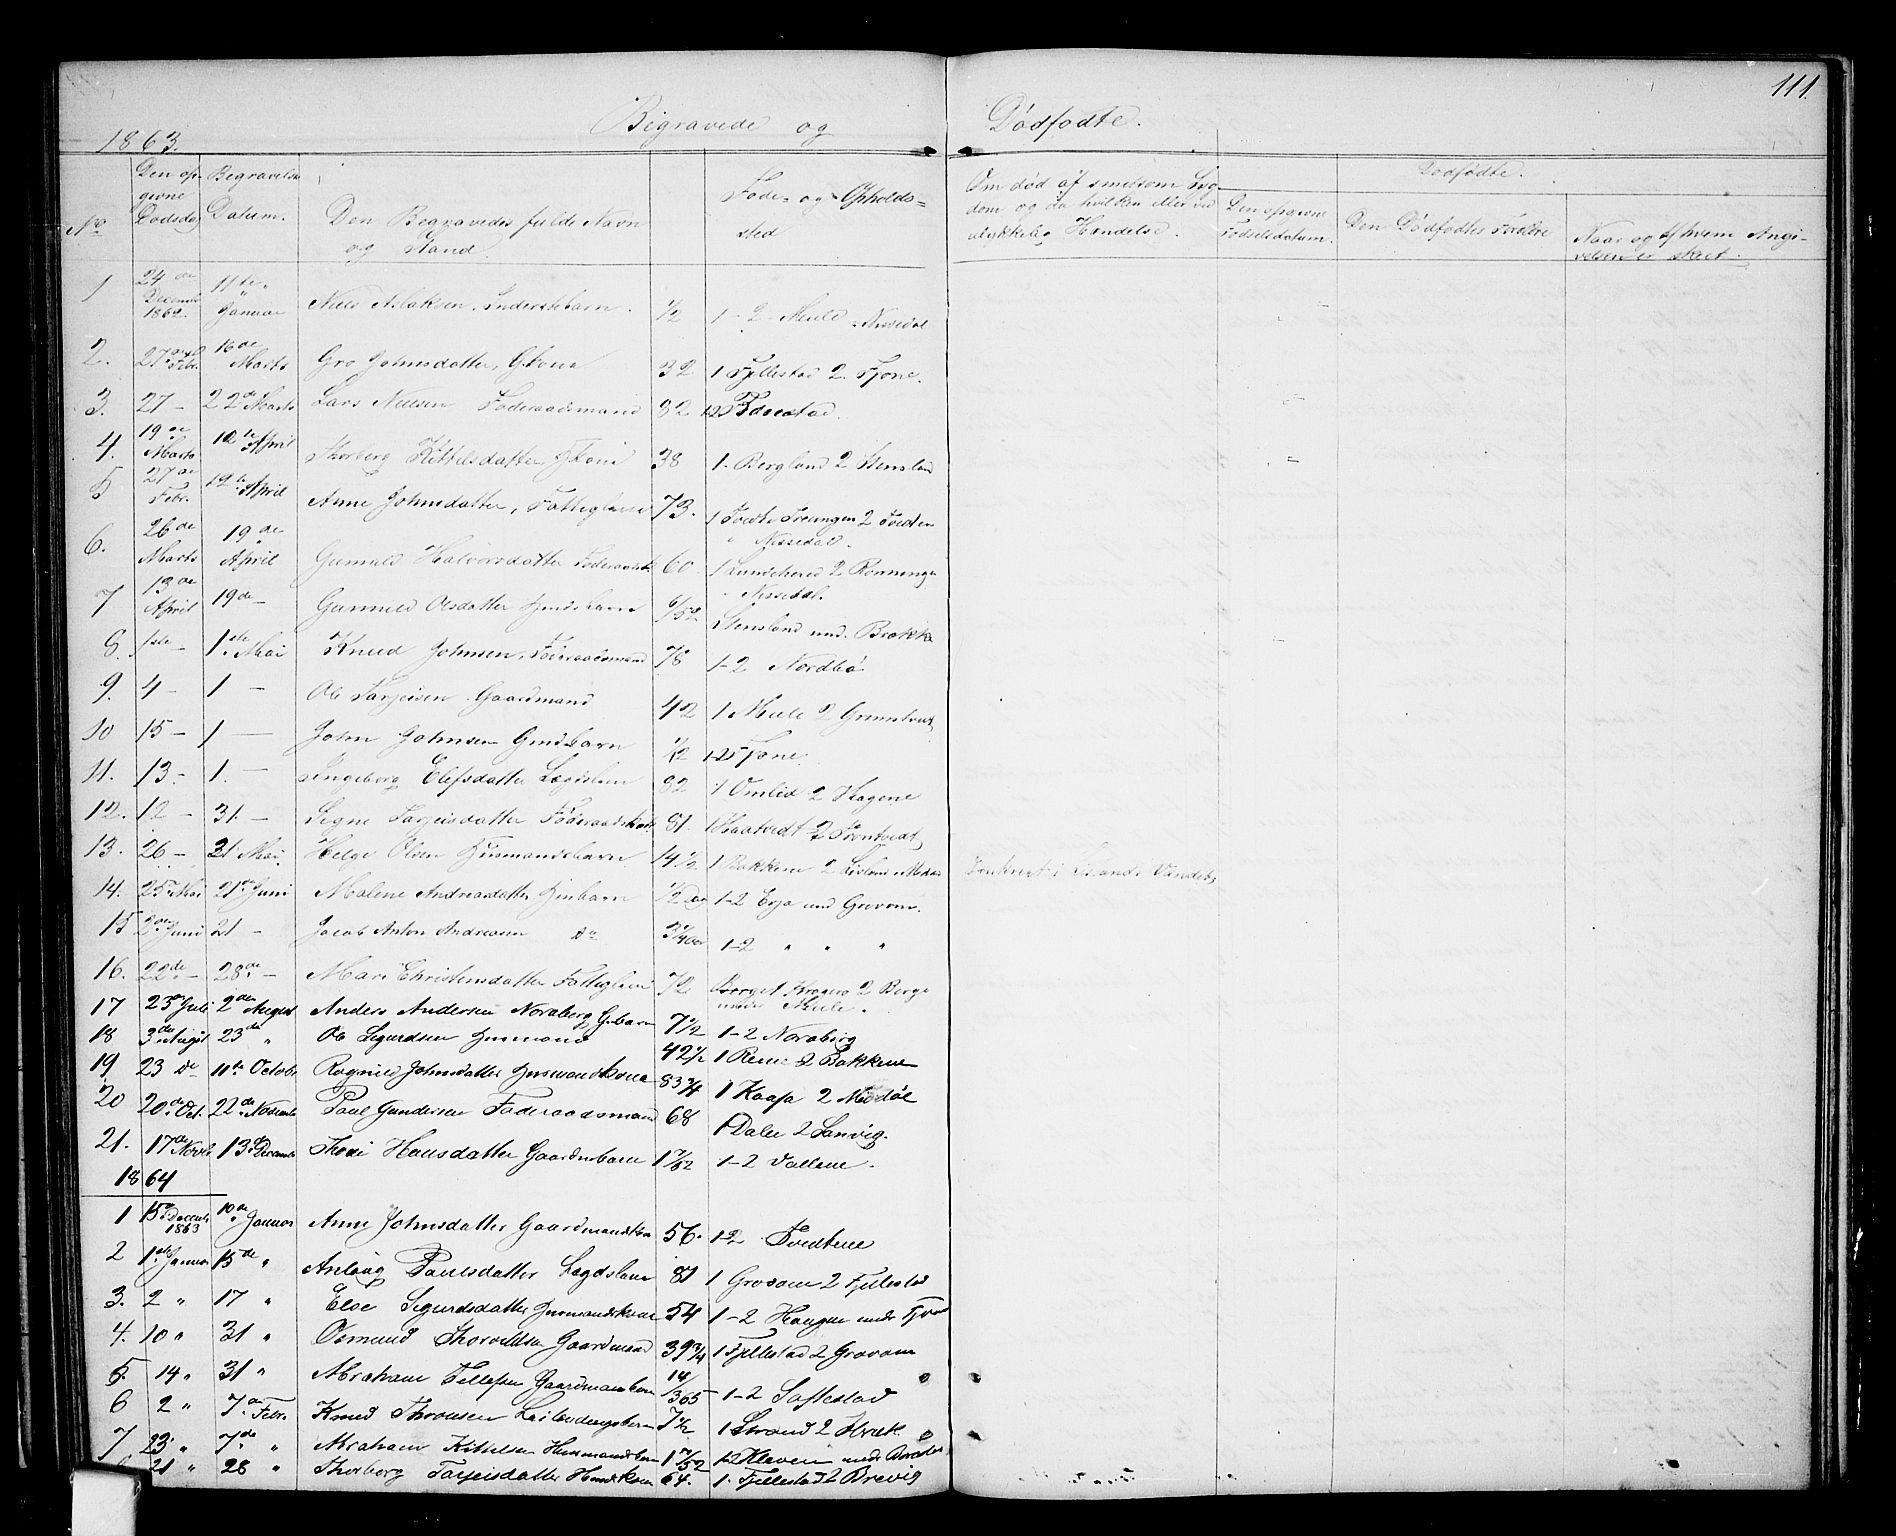 SAKO, Nissedal kirkebøker, G/Ga/L0002: Klokkerbok nr. I 2, 1861-1887, s. 111